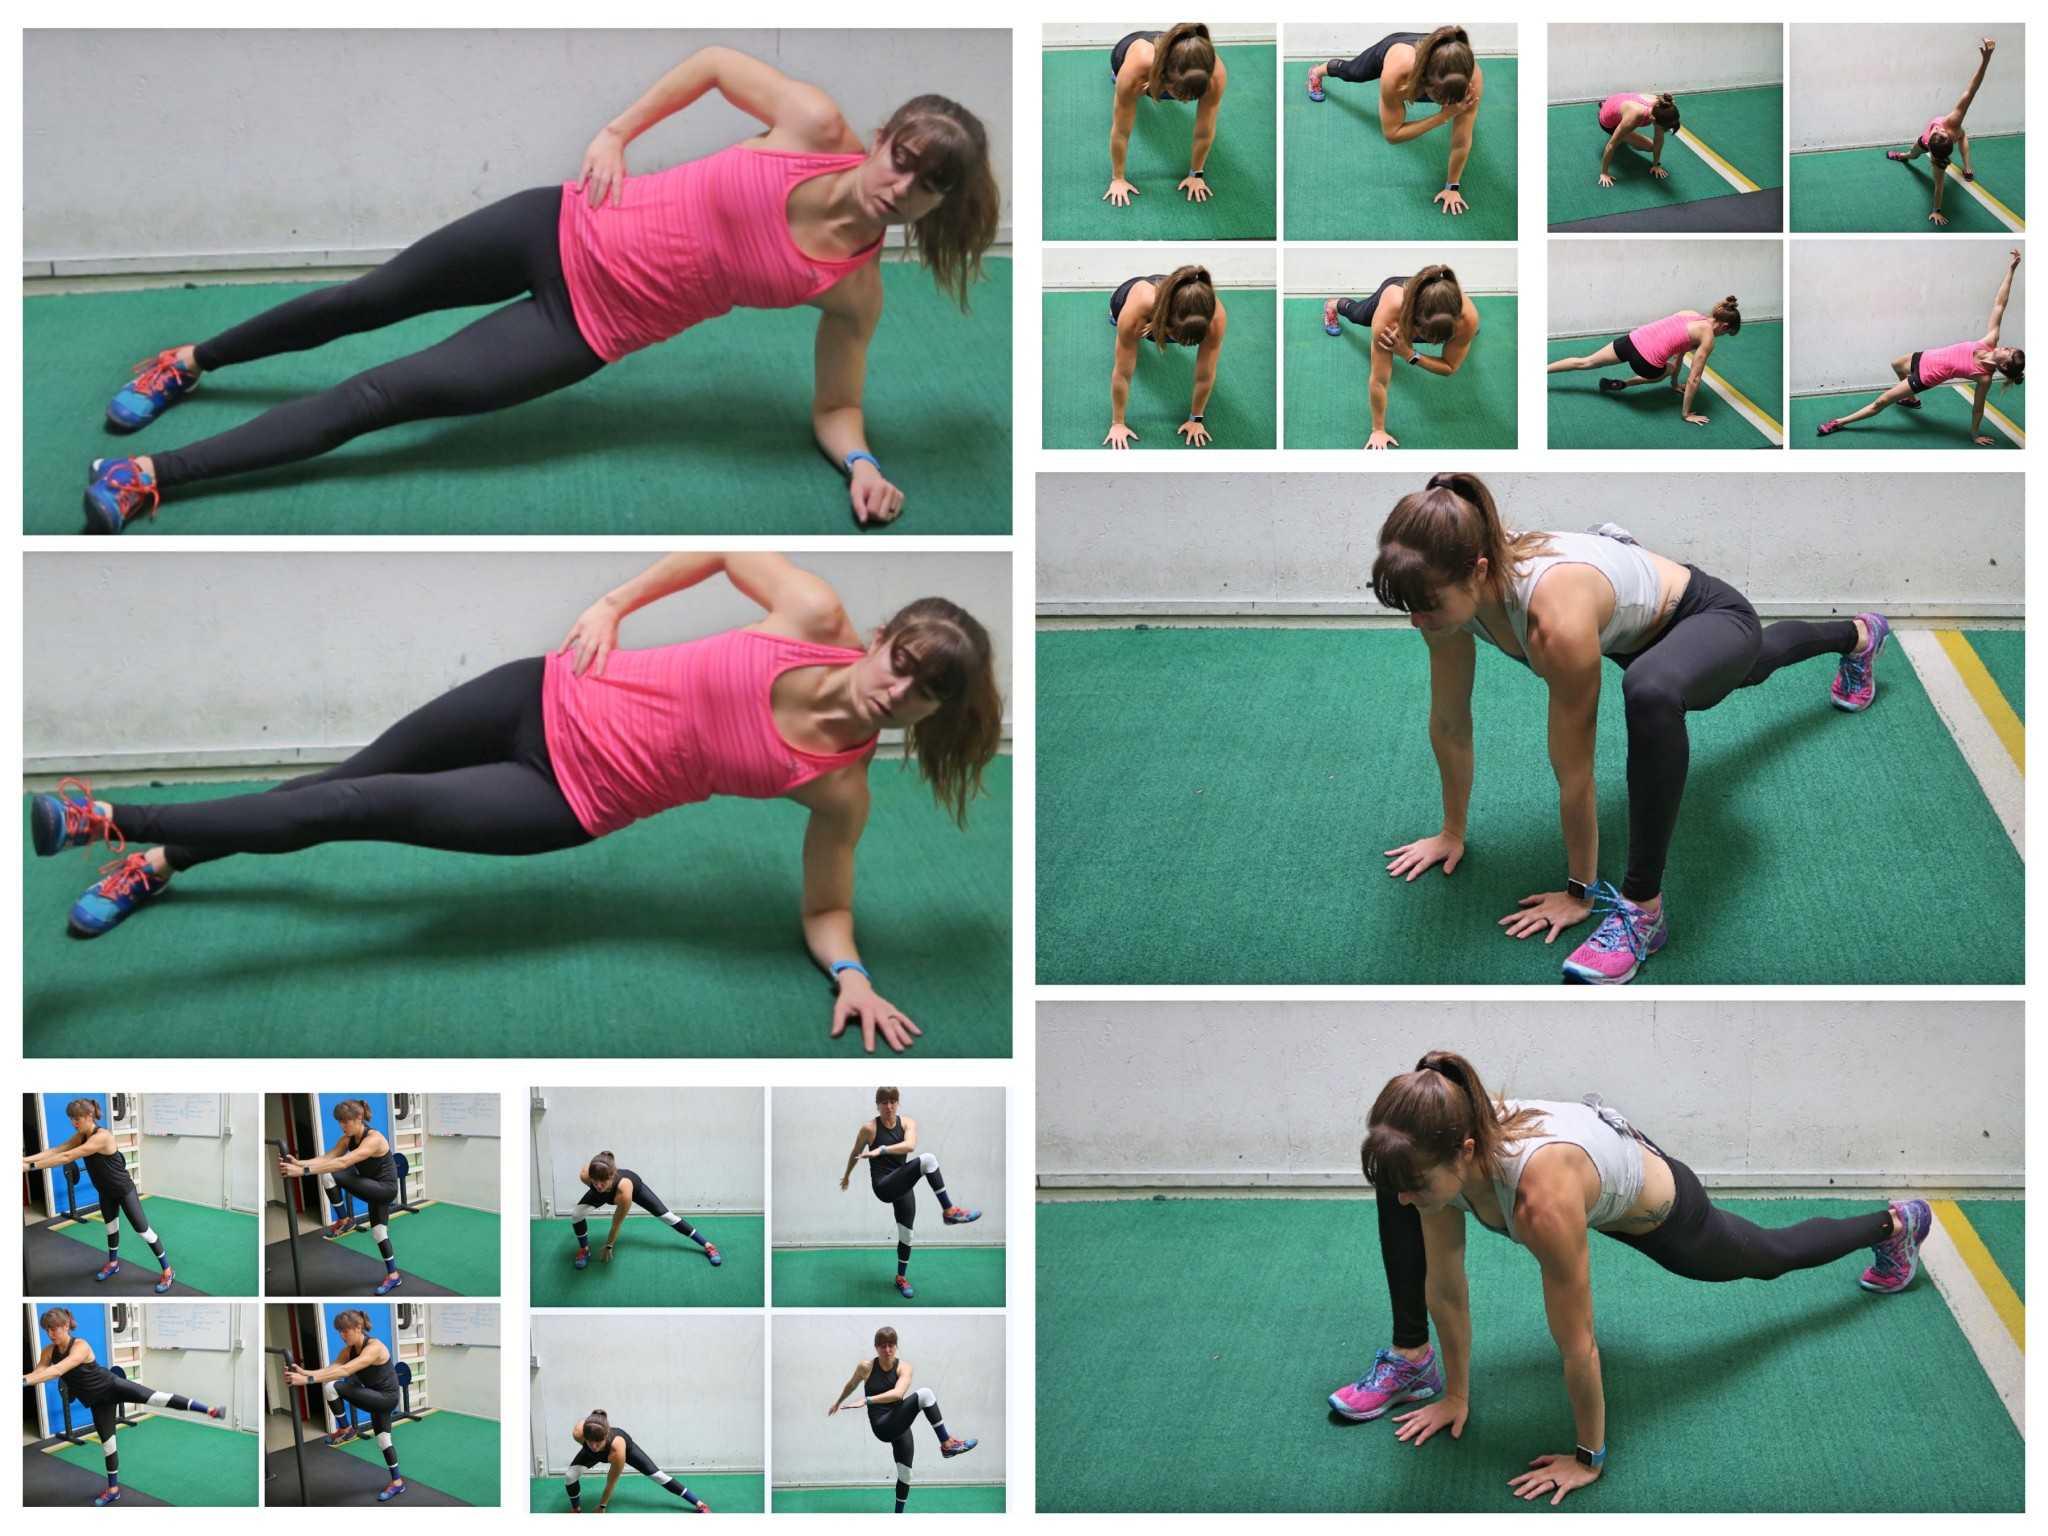 Программа тренировок для похудения в тренажерном зале для мужчин на 4 раза в неделю